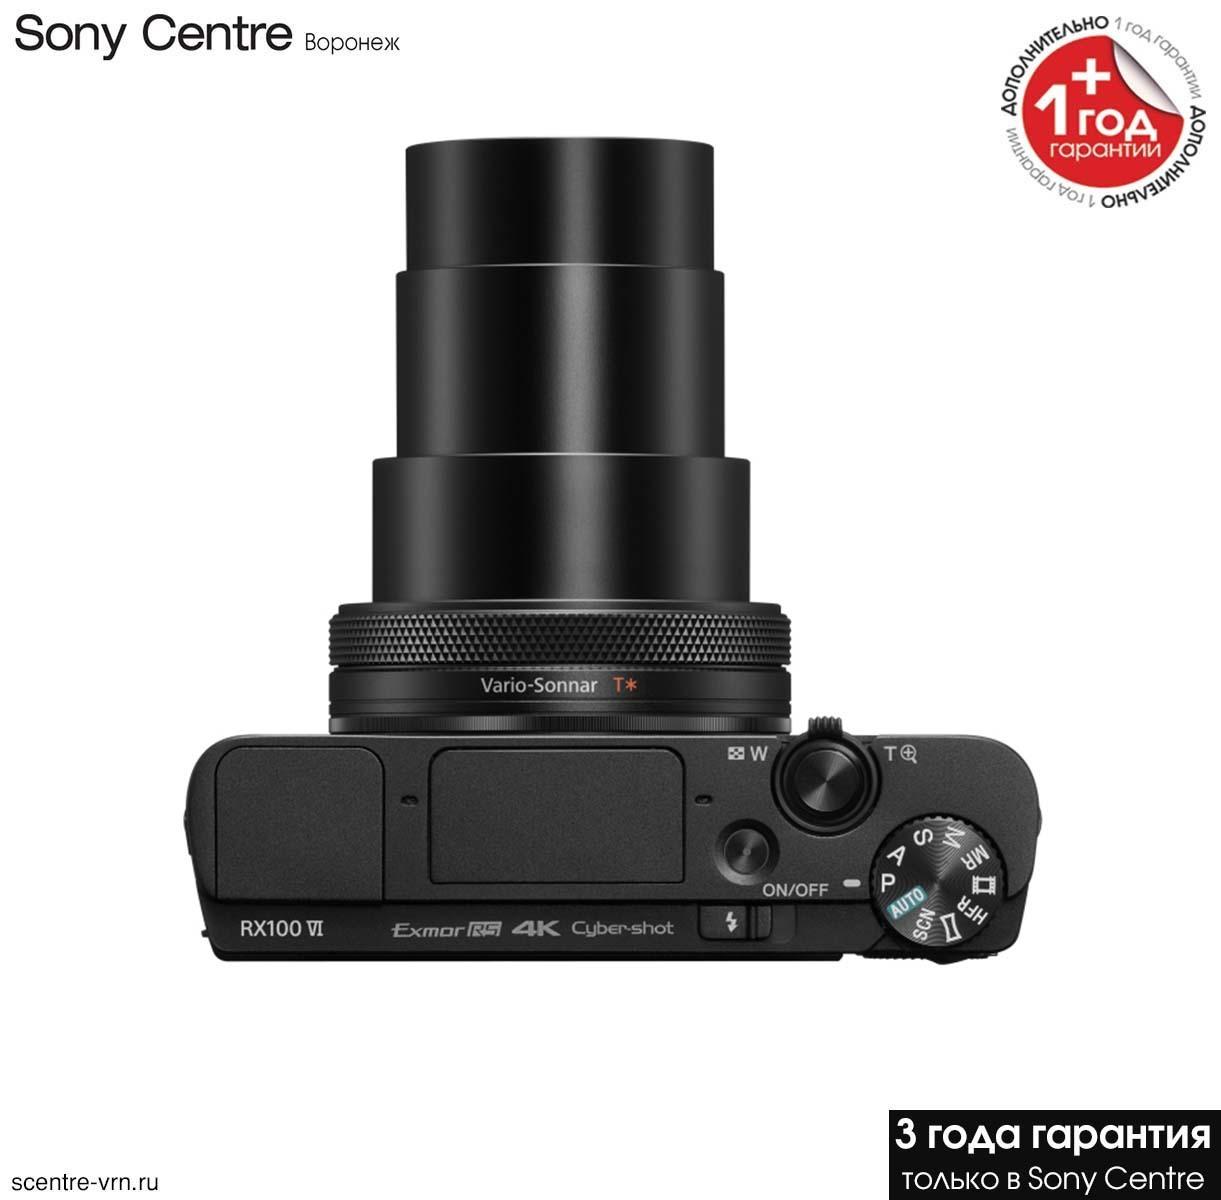 Фотоаппарат Sony DSC-RX100M6 купить у официального дилера